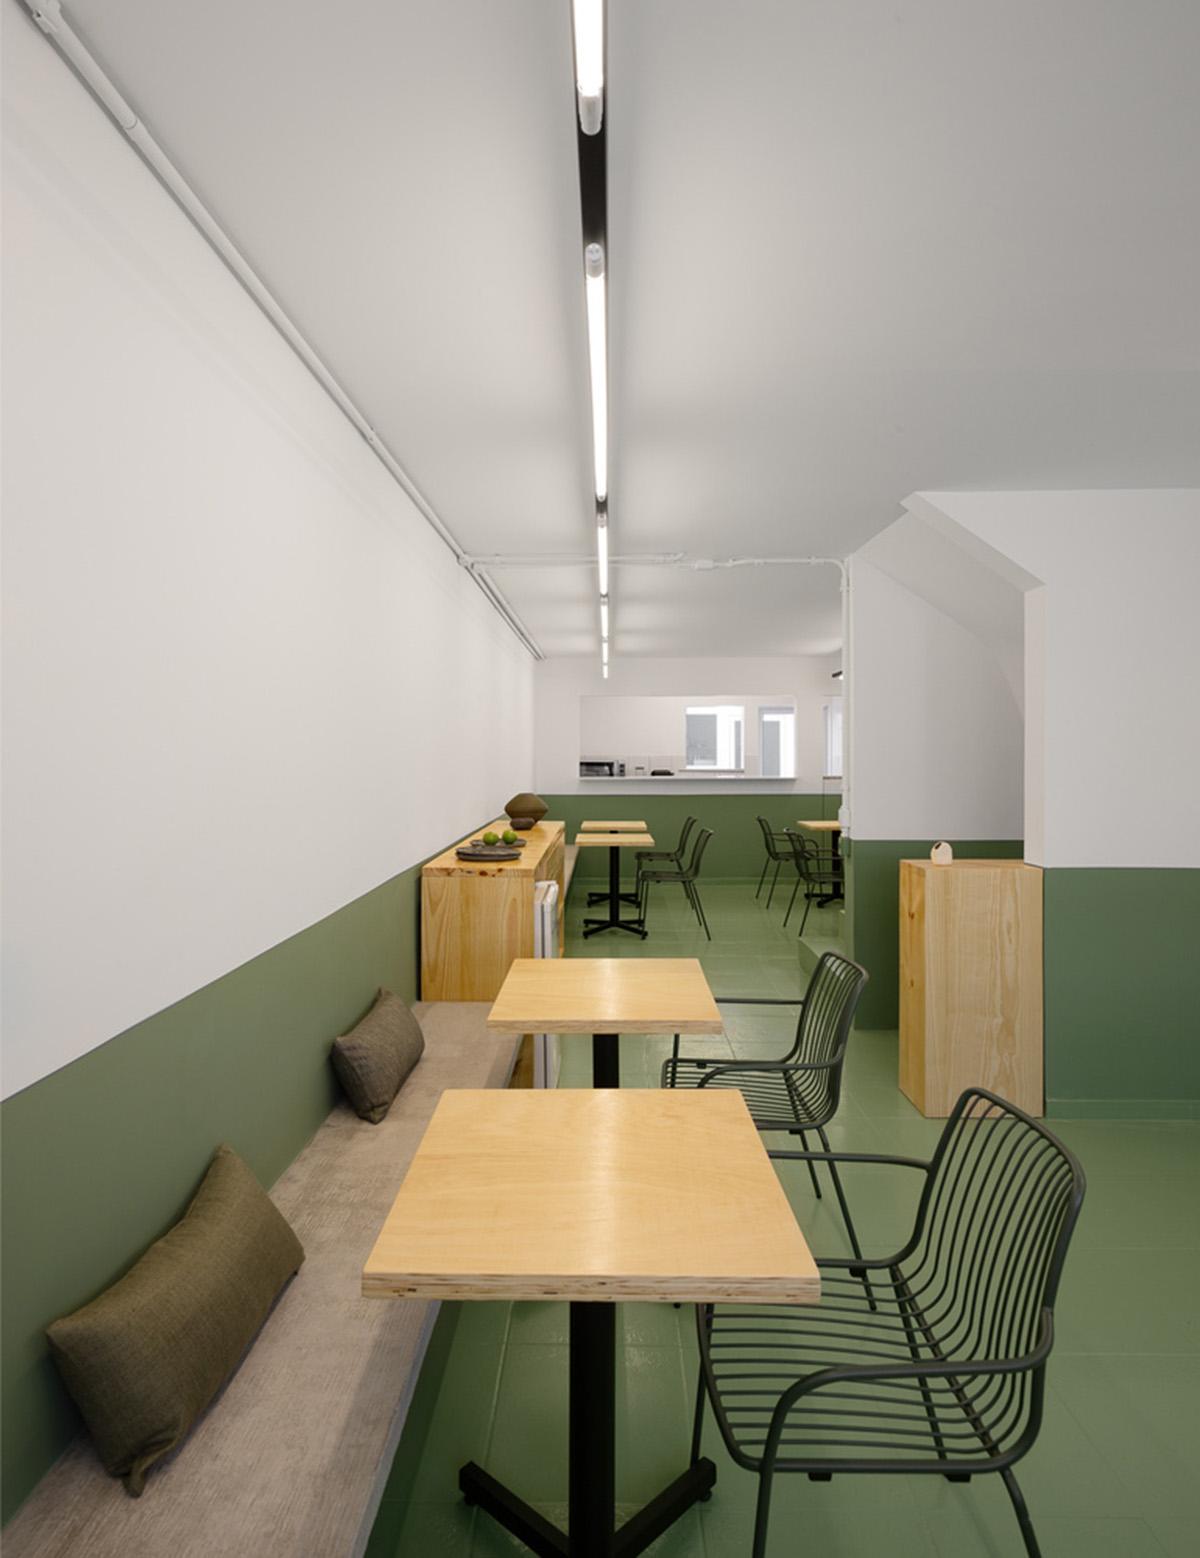 Sử dụng hai màu sơn khác nhau khiến bức tường trông ngắn lại. Ảnh: Manuel Sá.